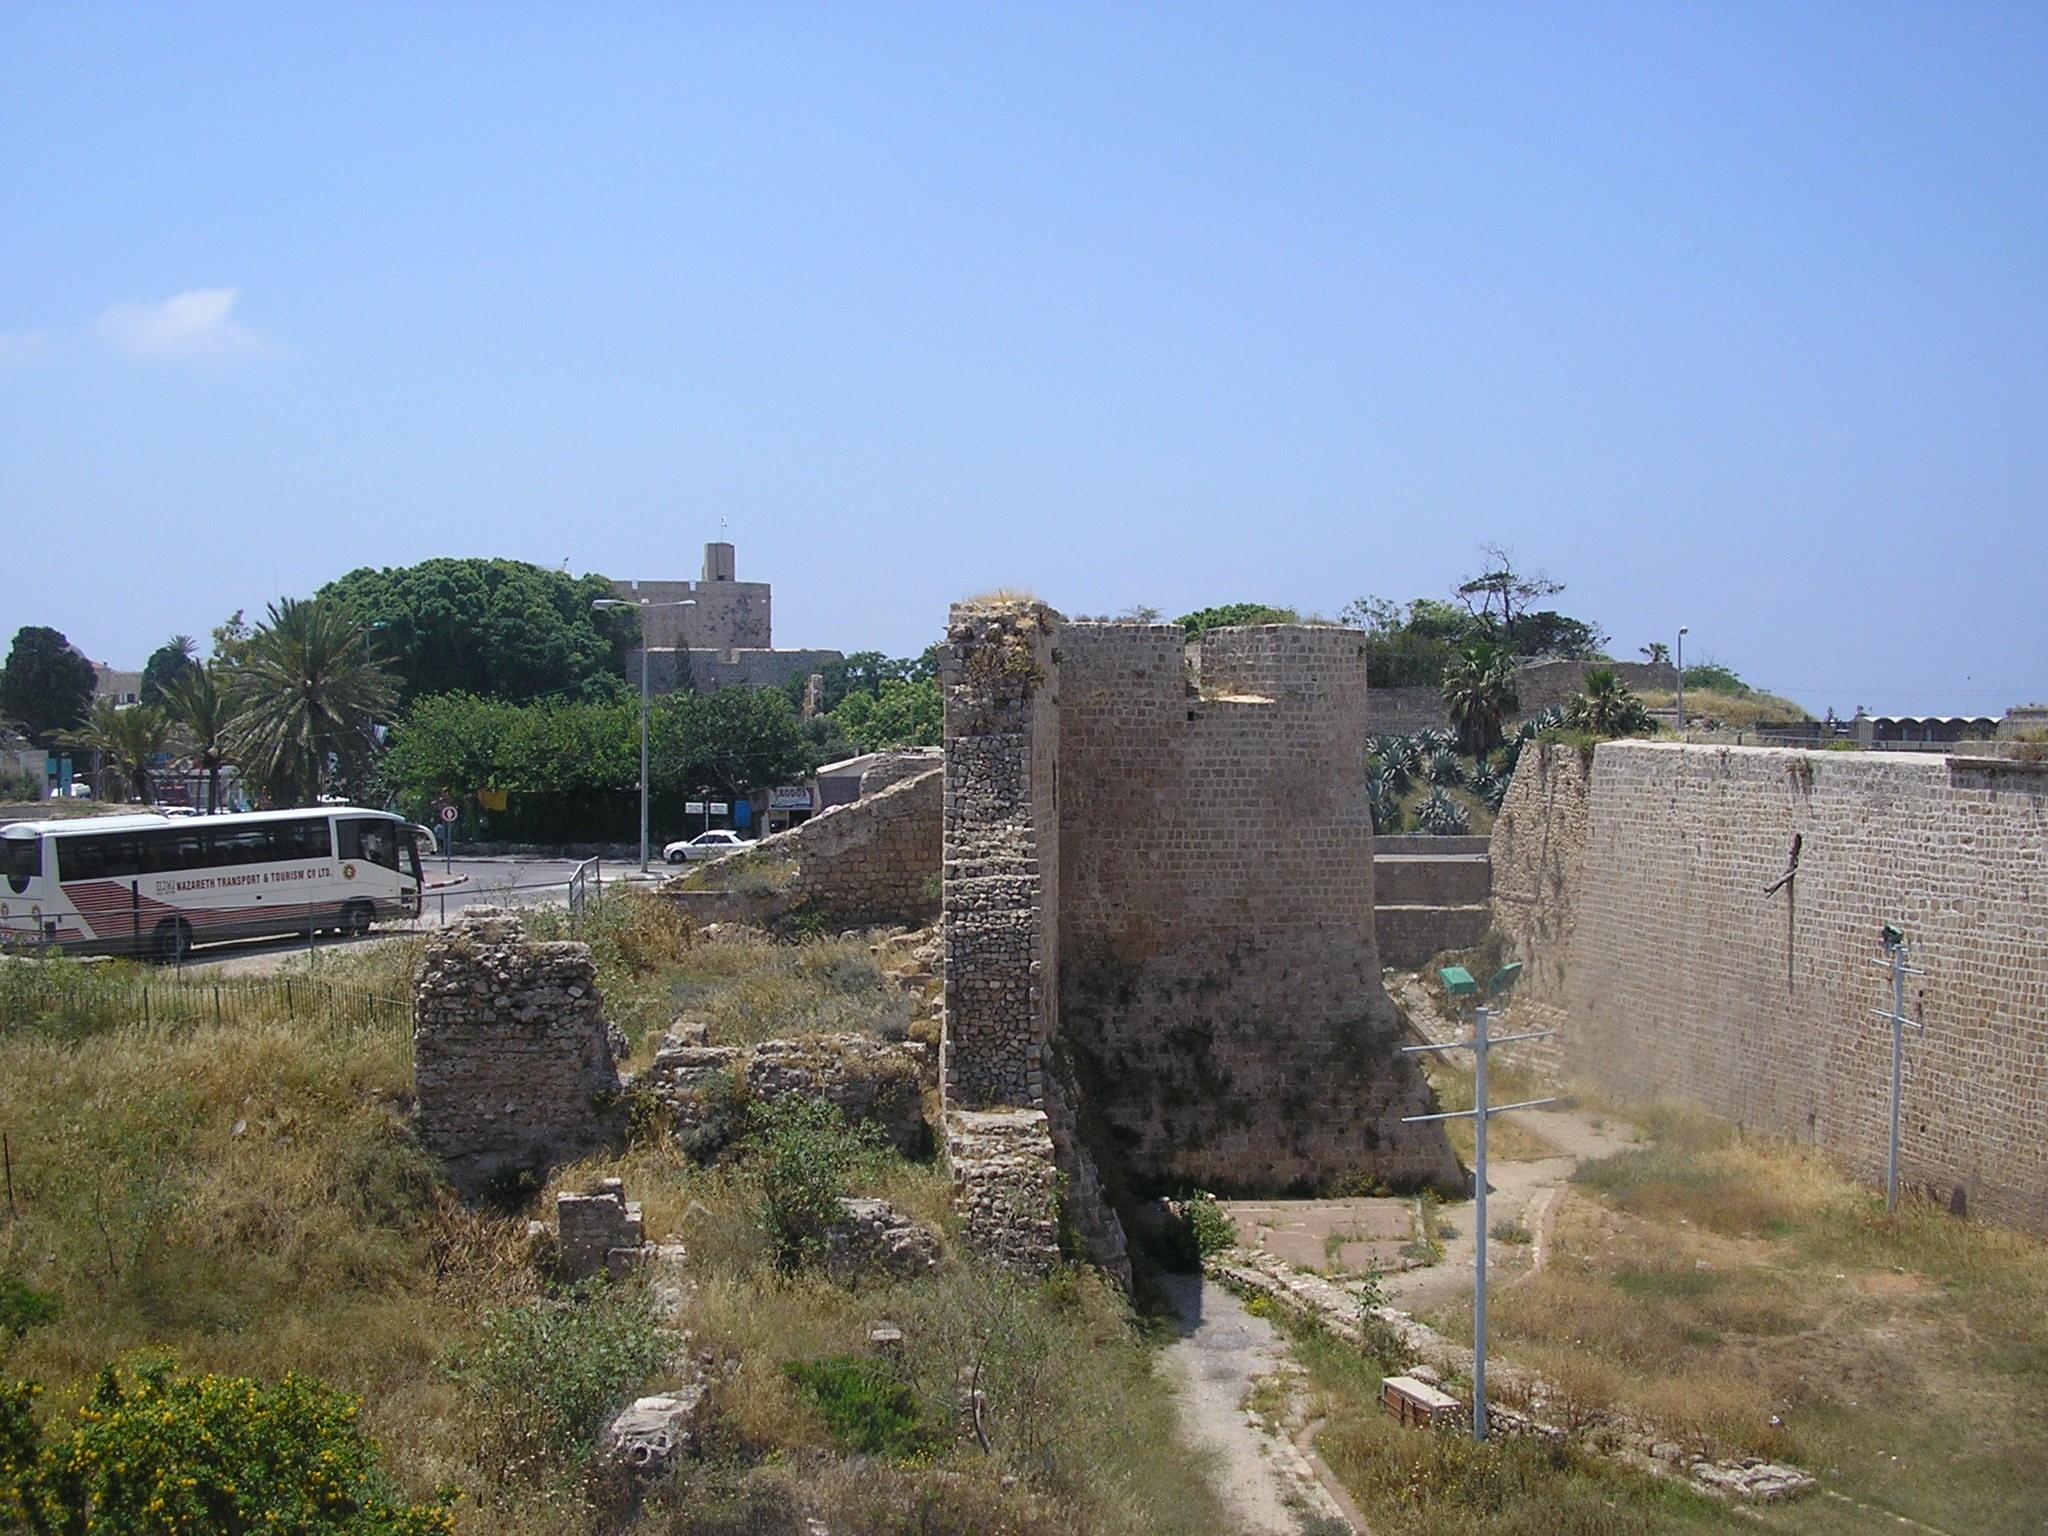 שרידי חומת דאהר אל-עומר משמאל וחומת אל-ג'זאר מימין. ברקע מצודת עכו ומשמאל נראית ה